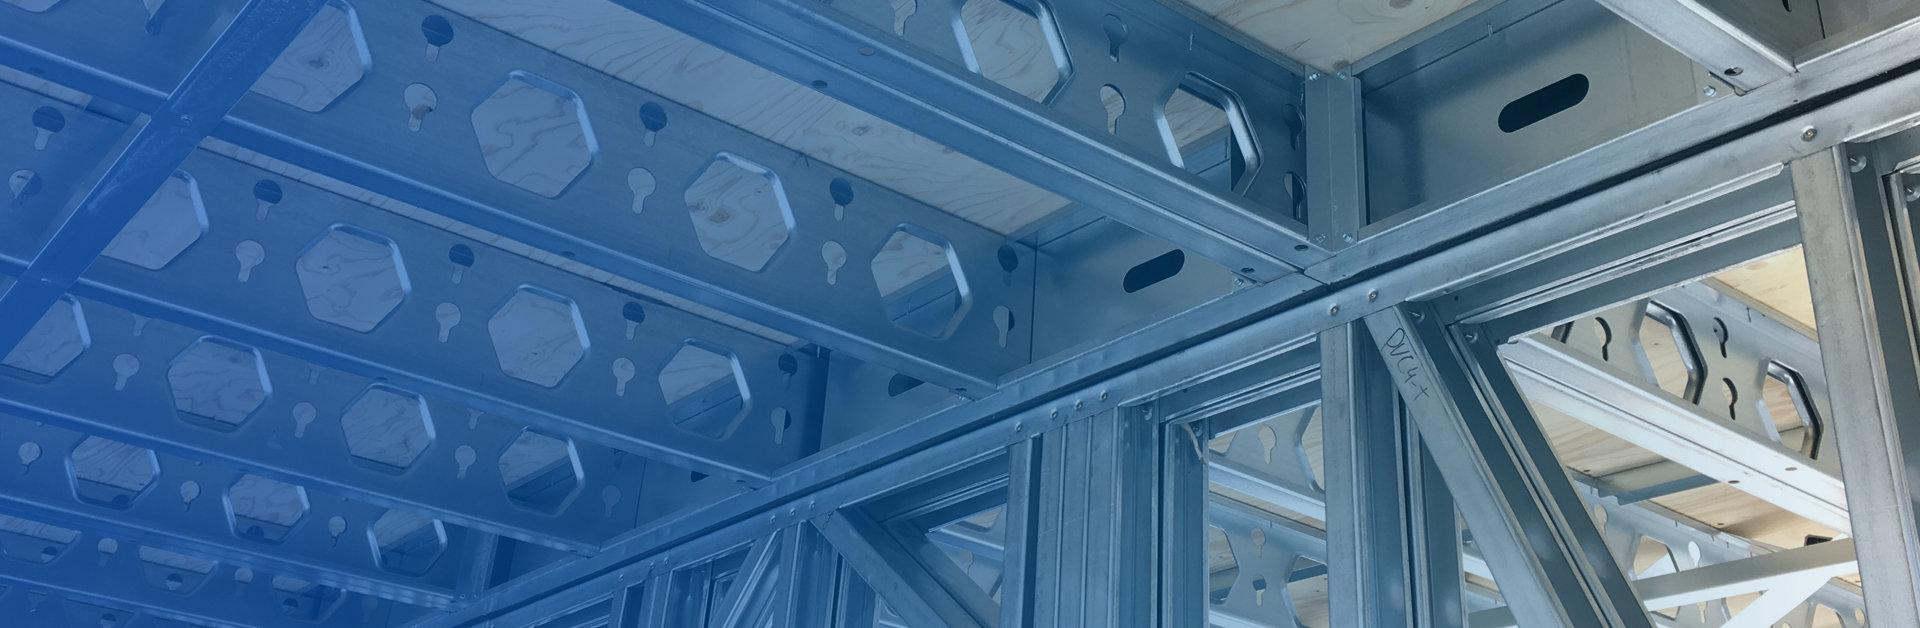 Foto de header para sección de soluciones, de Brausa, fabricante de perfiles de acero conformado en frío